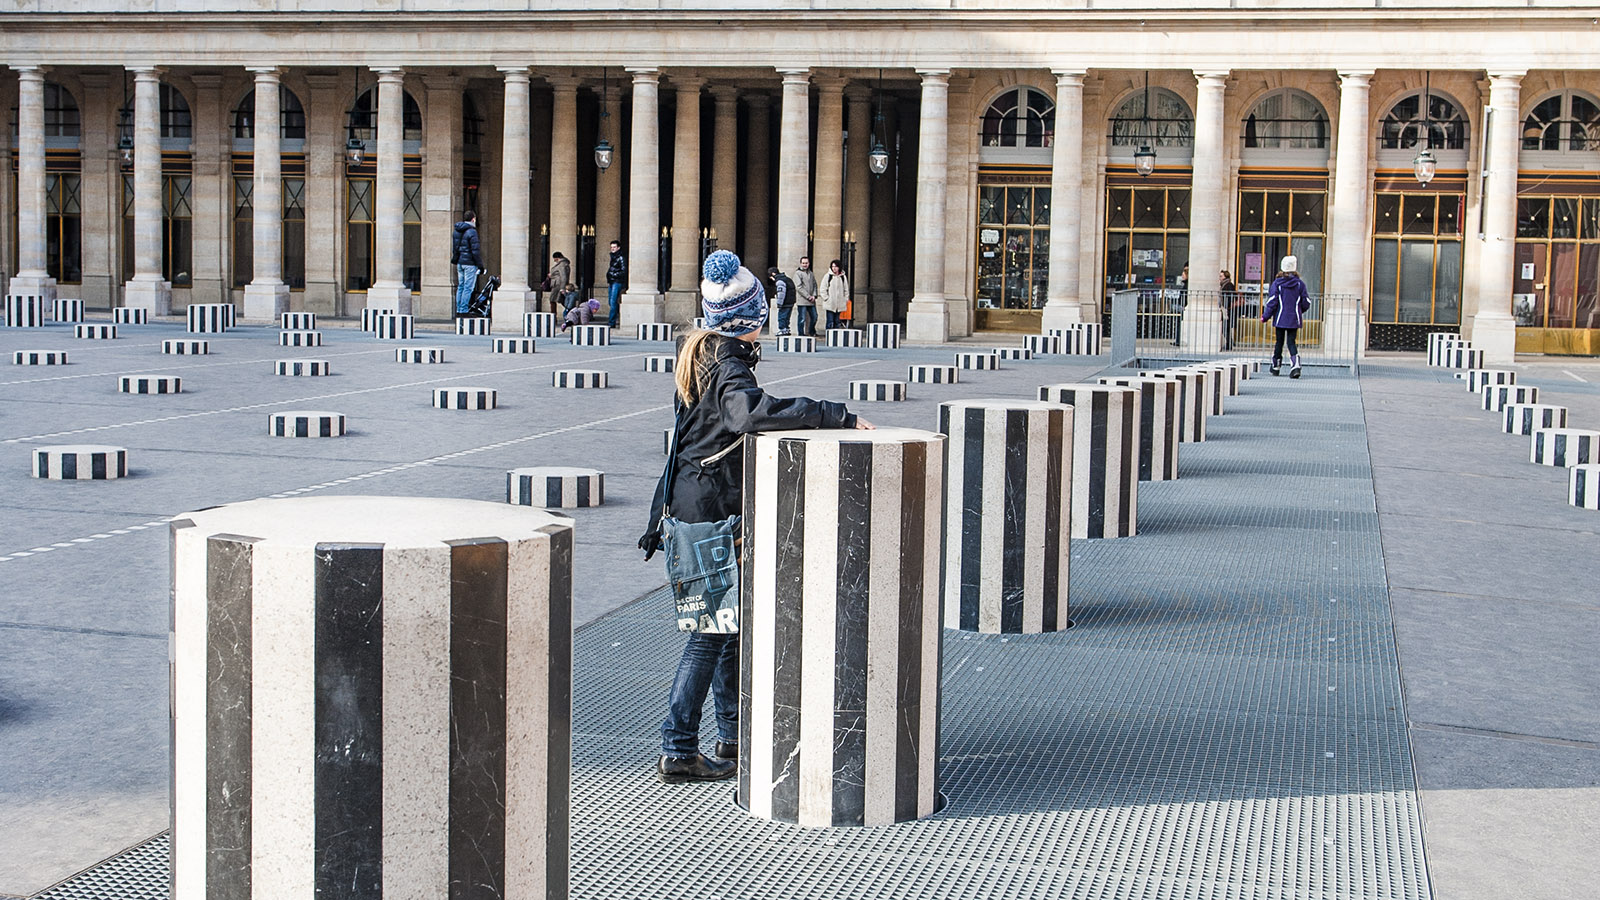 Paris: Die Säulen von Daniel Buren im Innenhof des Palais Royal verführen Kinder zum Klettern. Foto: Hilke Maunder